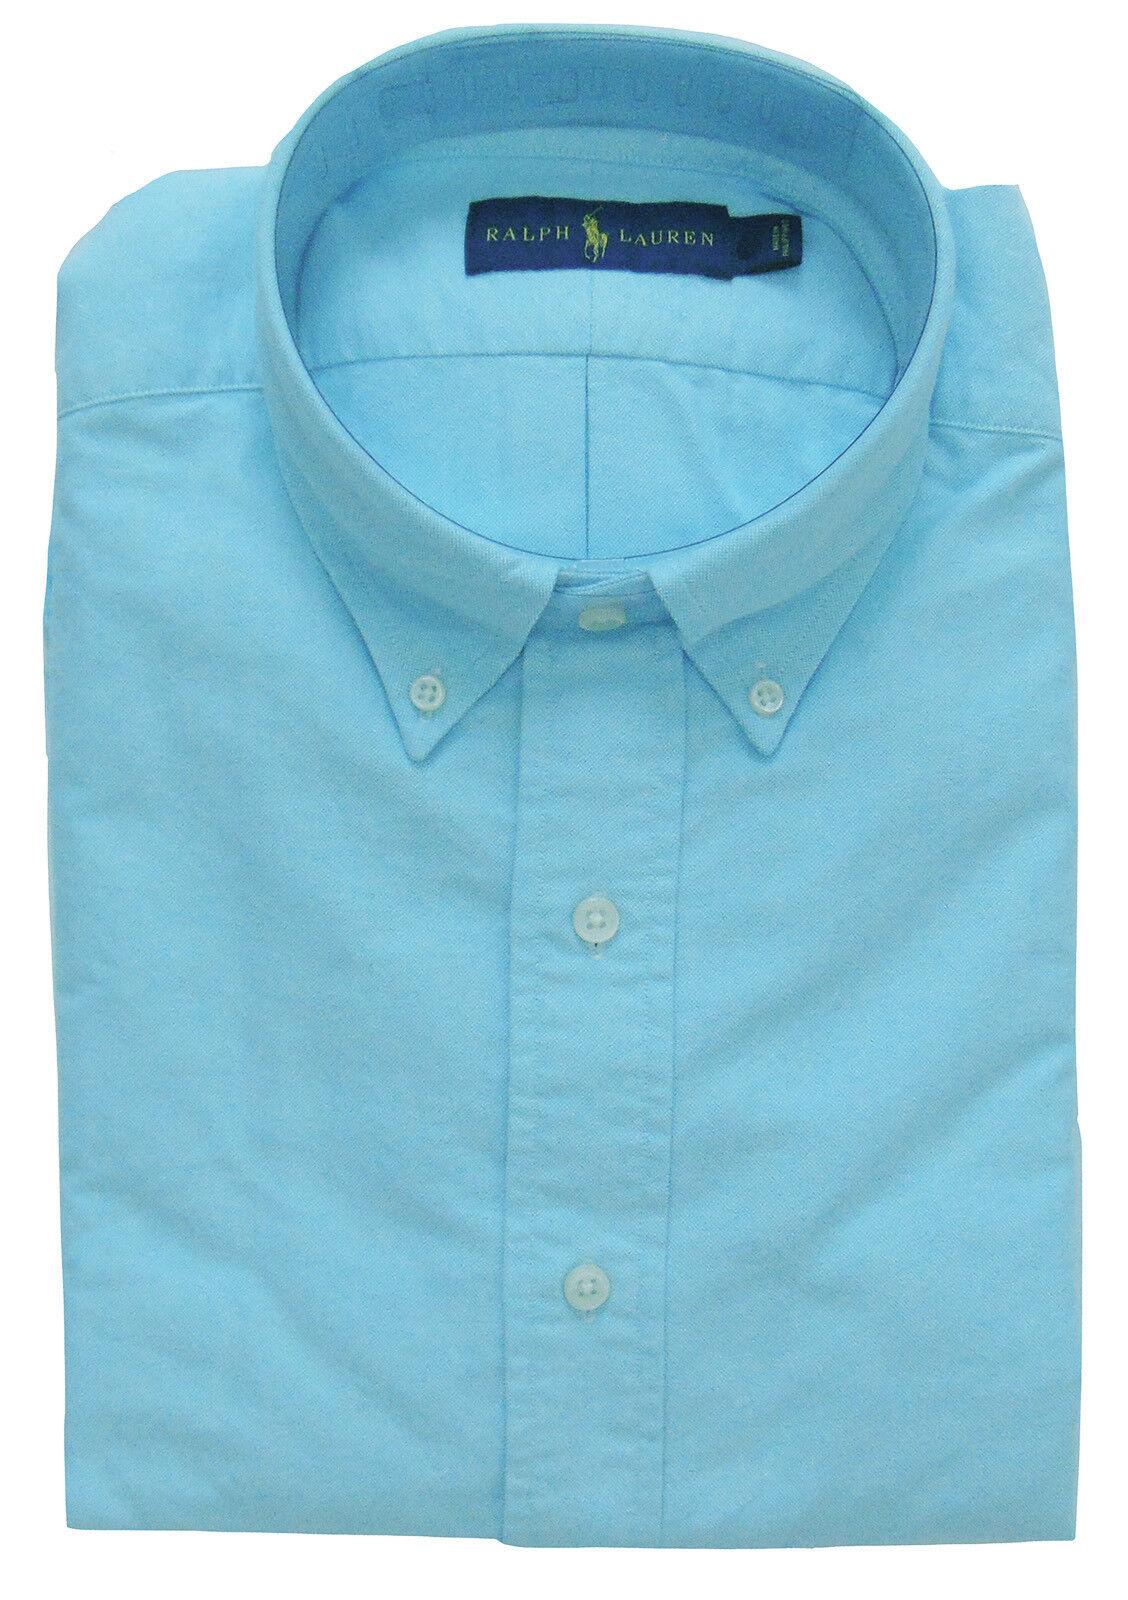 Men's RALPH LAUREN Aegean bluee Cotton Shirt 2XLT 2LT 2XT TALL NWT NEW